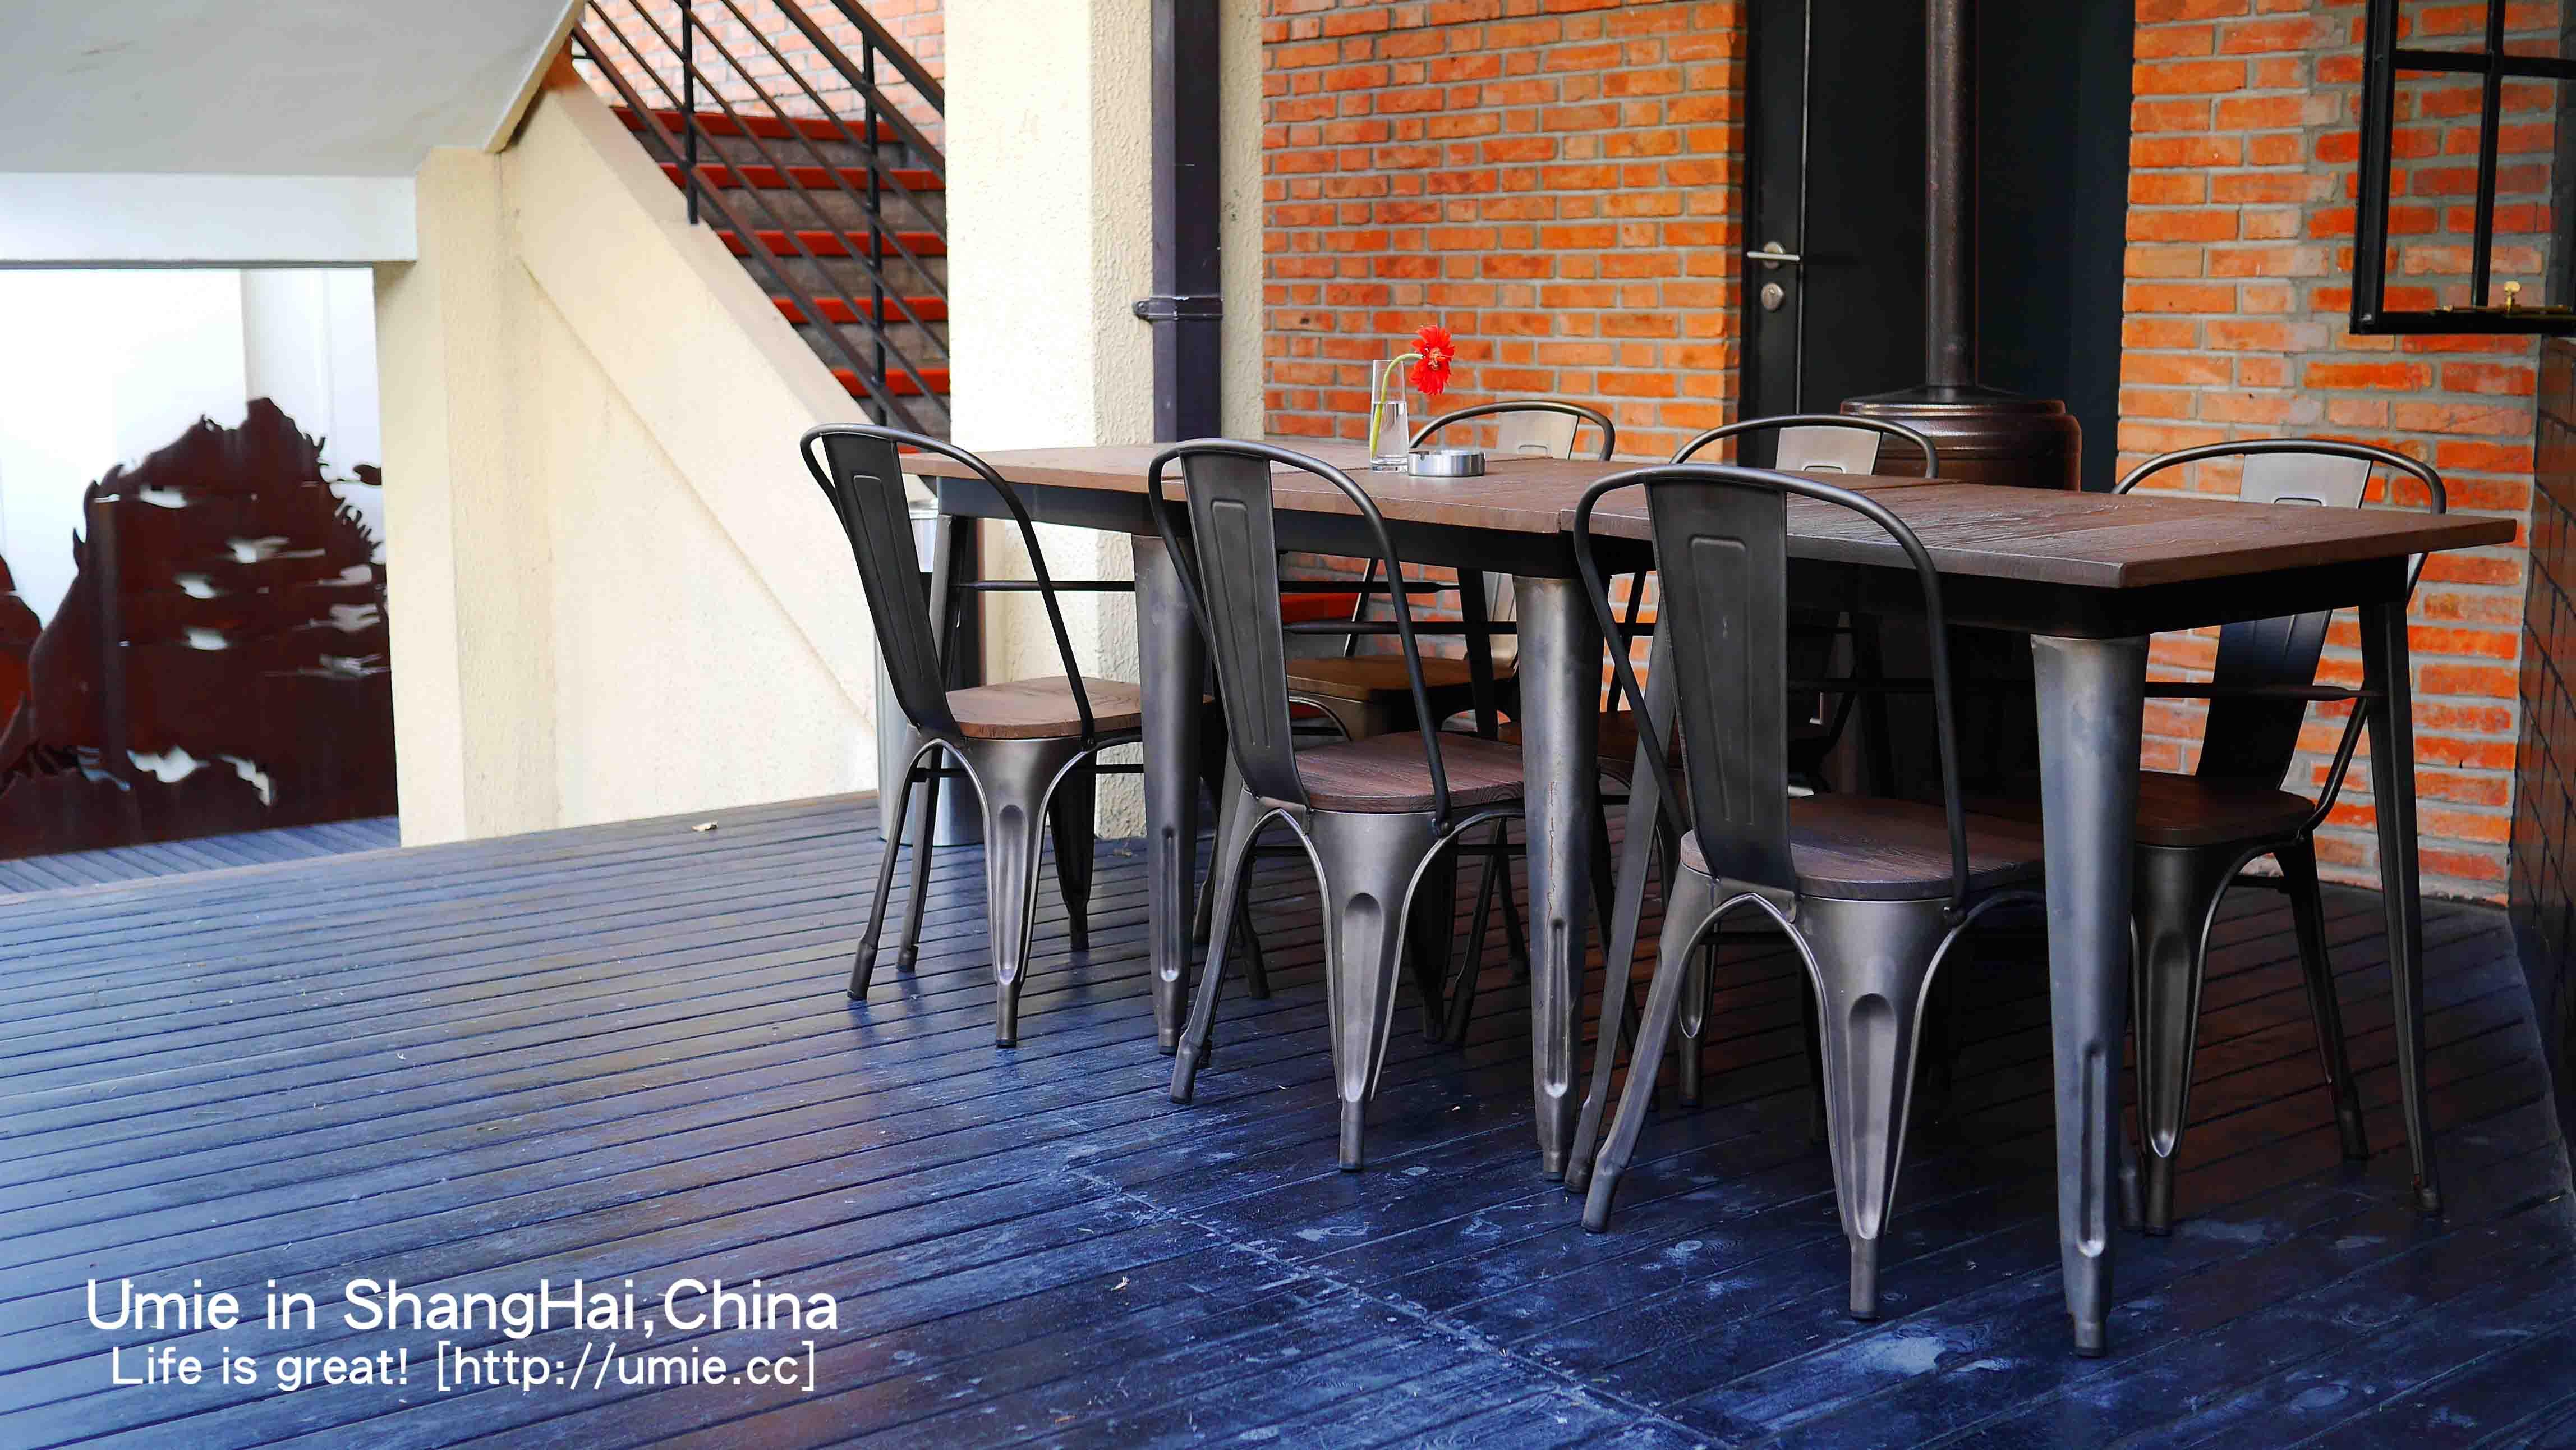 上海必去景點-徐家匯區|昔日法租界-秋天的武康庭| Notting Hill British Cuisine 英式餐廳餐點推薦